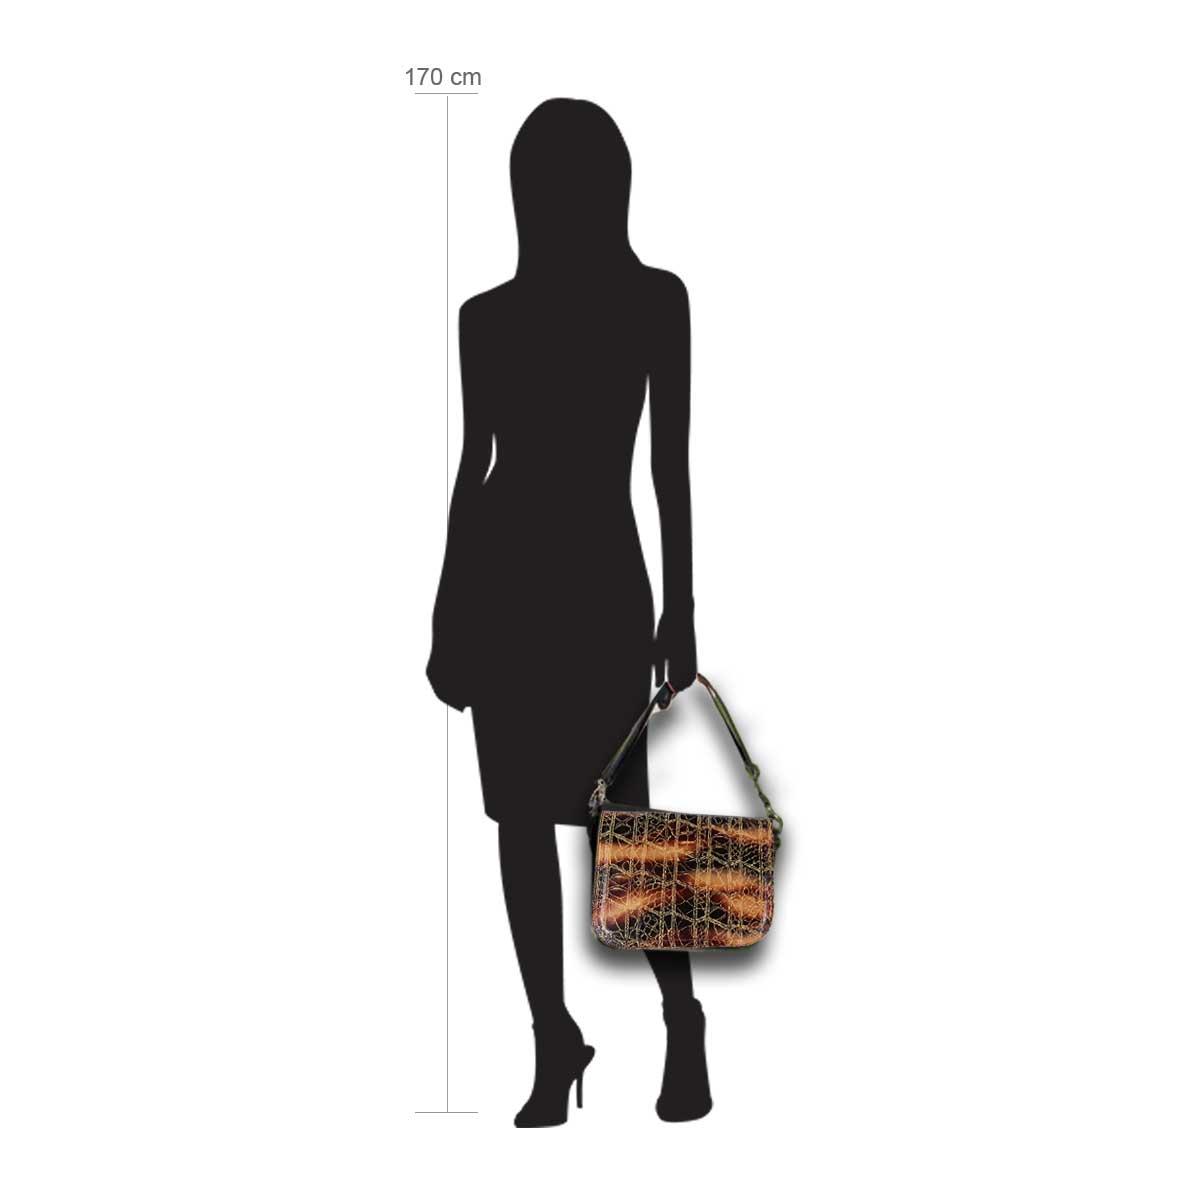 Modellpuppe 170 cm groß zeigt die Handtaschengröße an der Person Modell:Atlanta